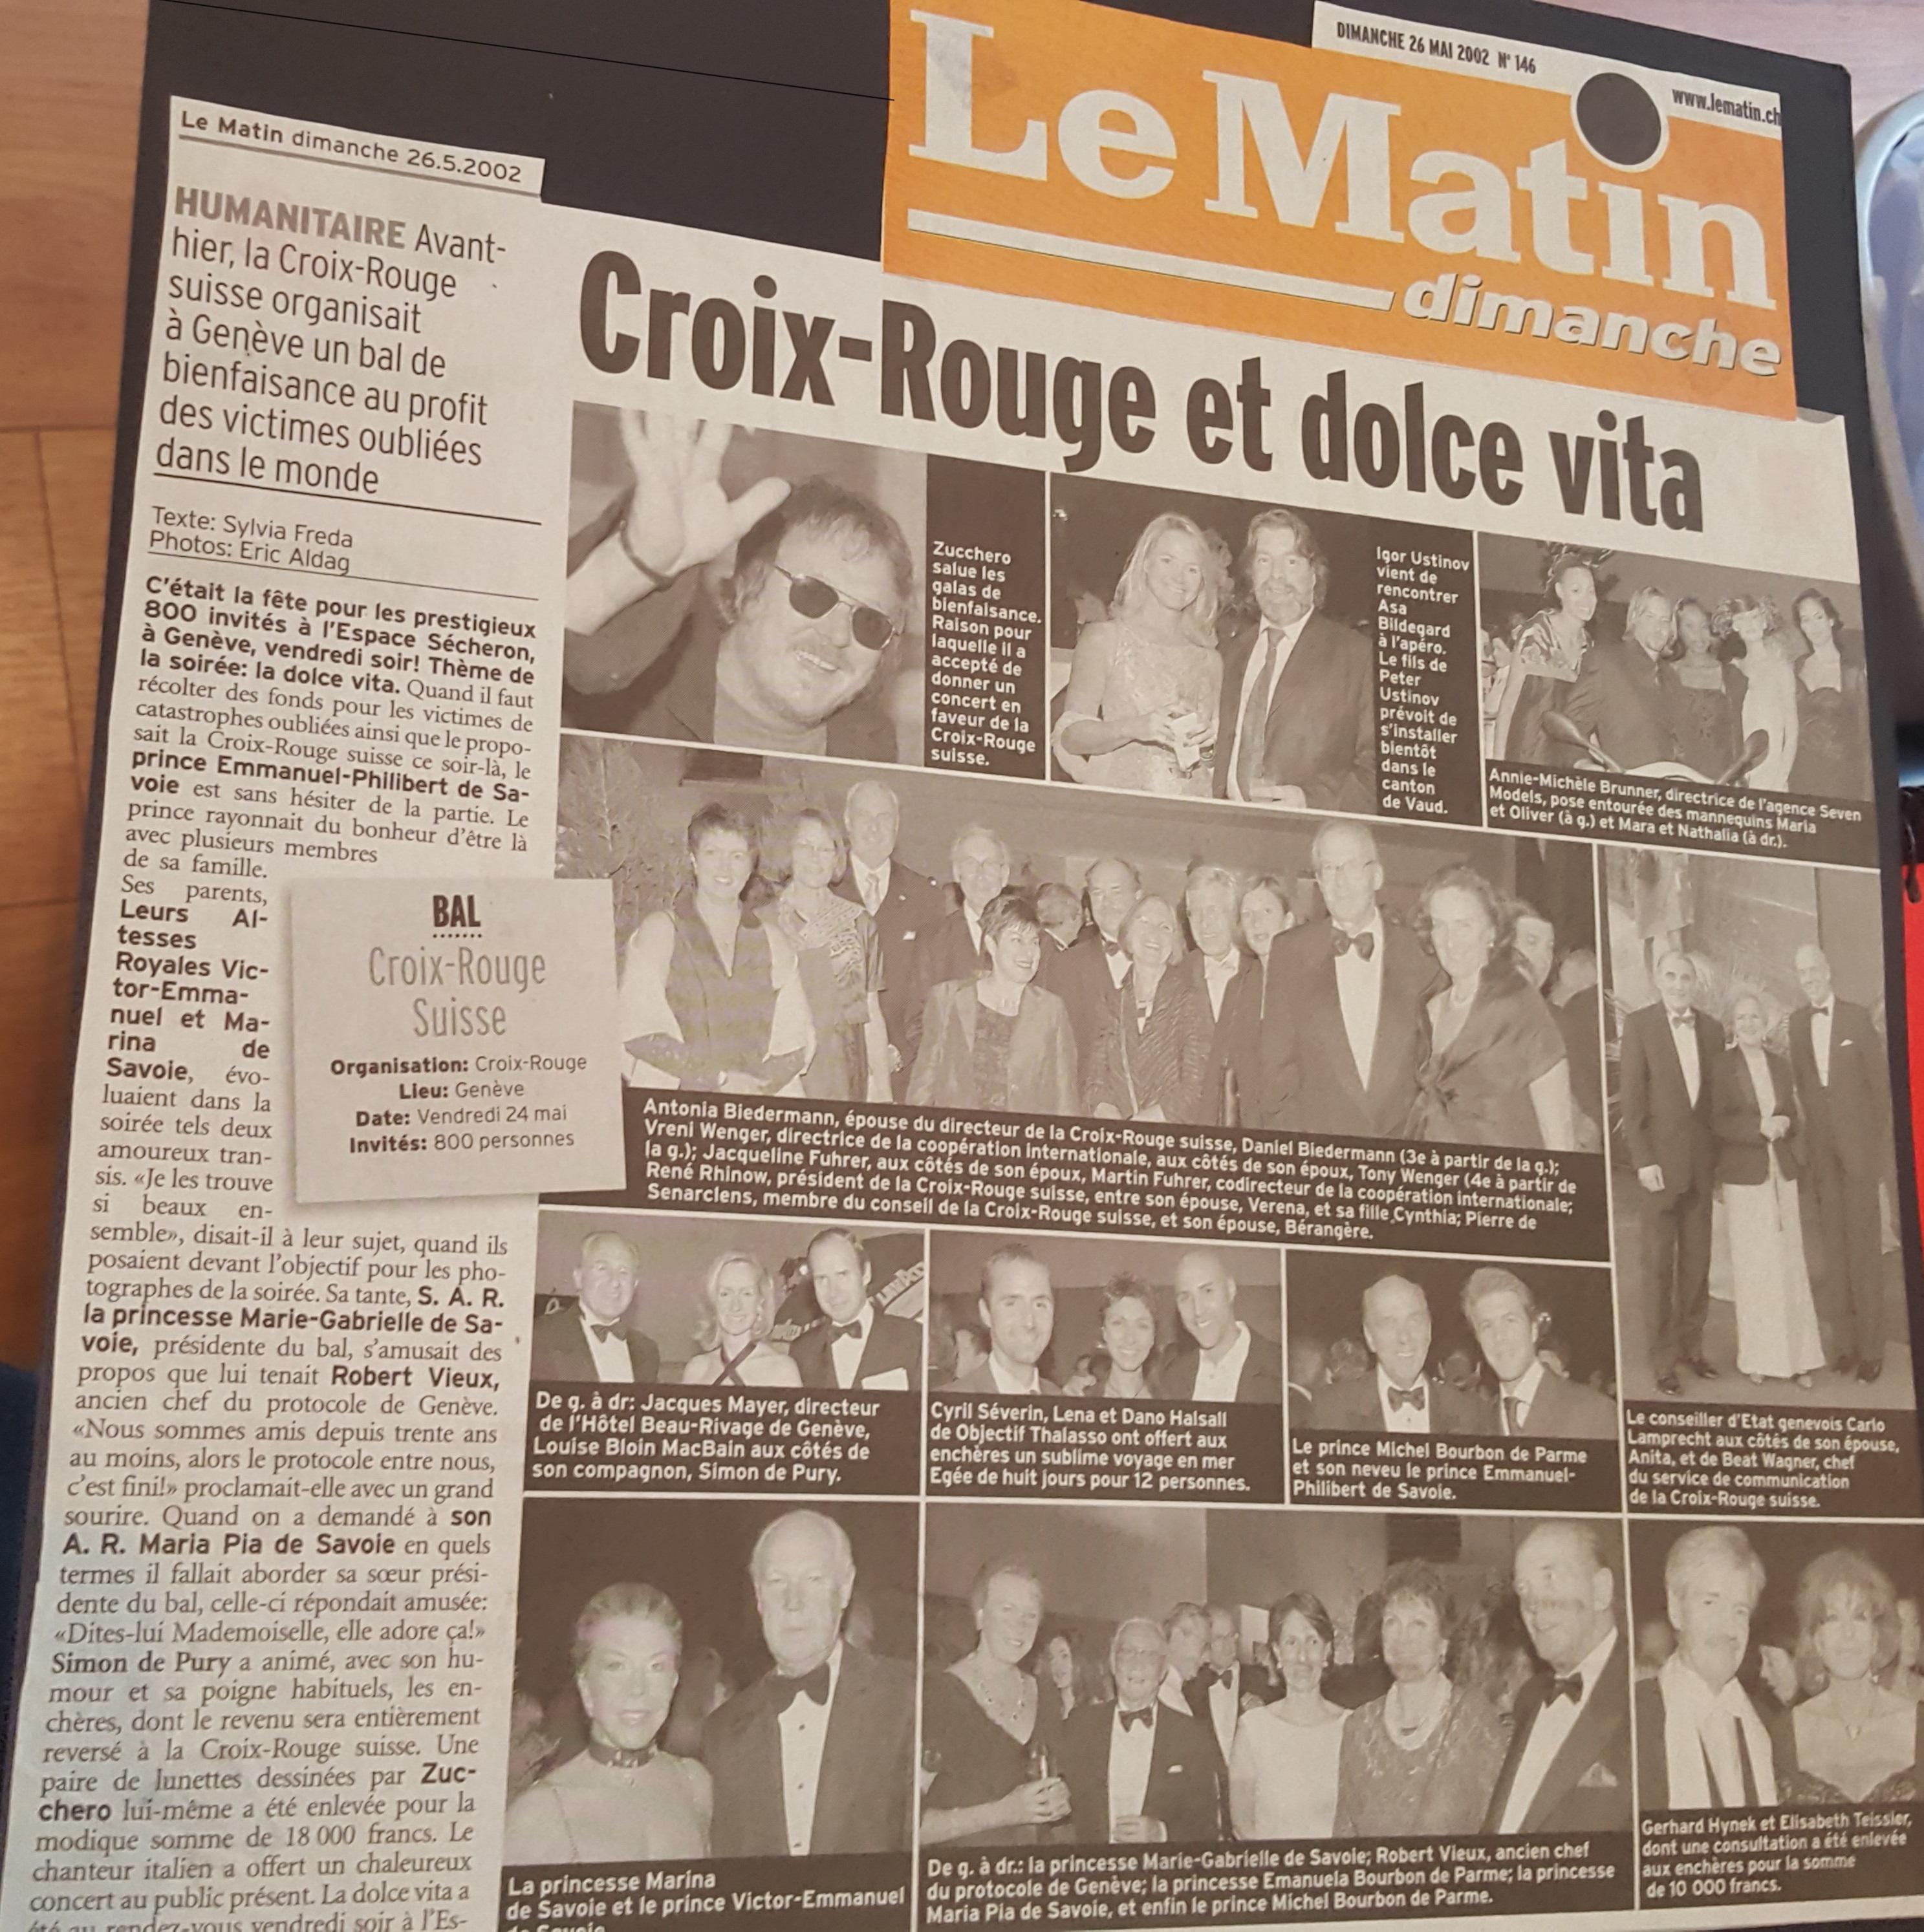 2002 le Matin